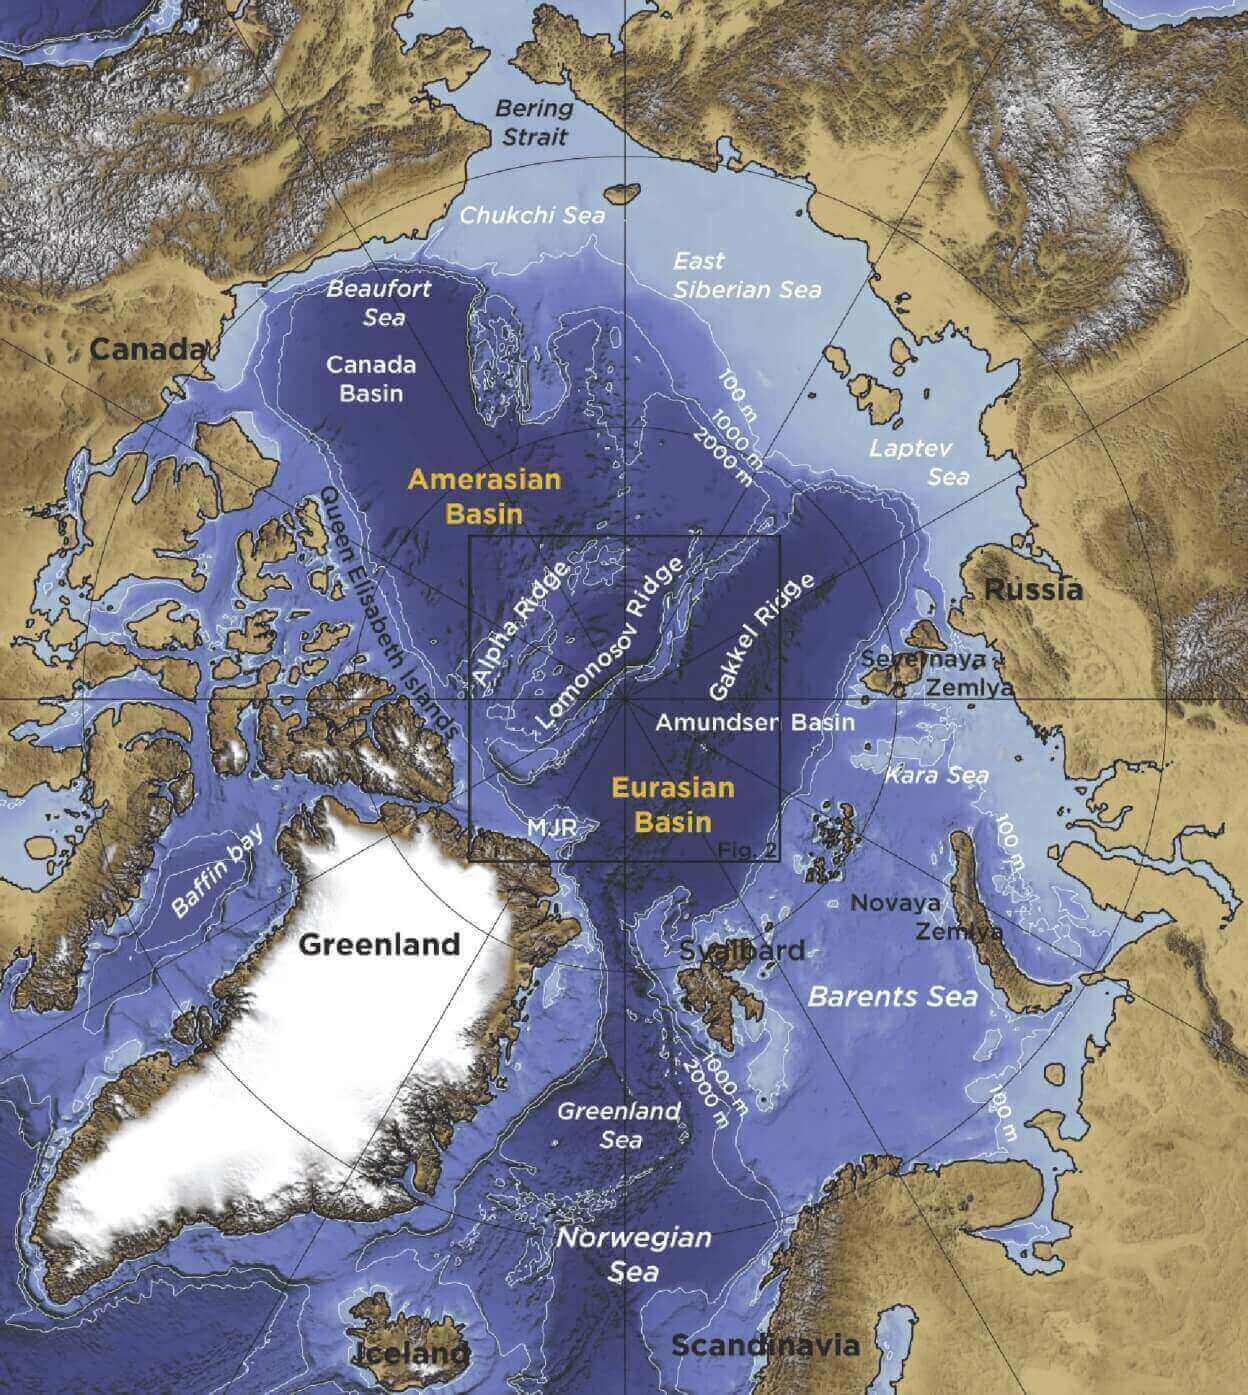 arctic-ocean-bathymetry-regions-analysis